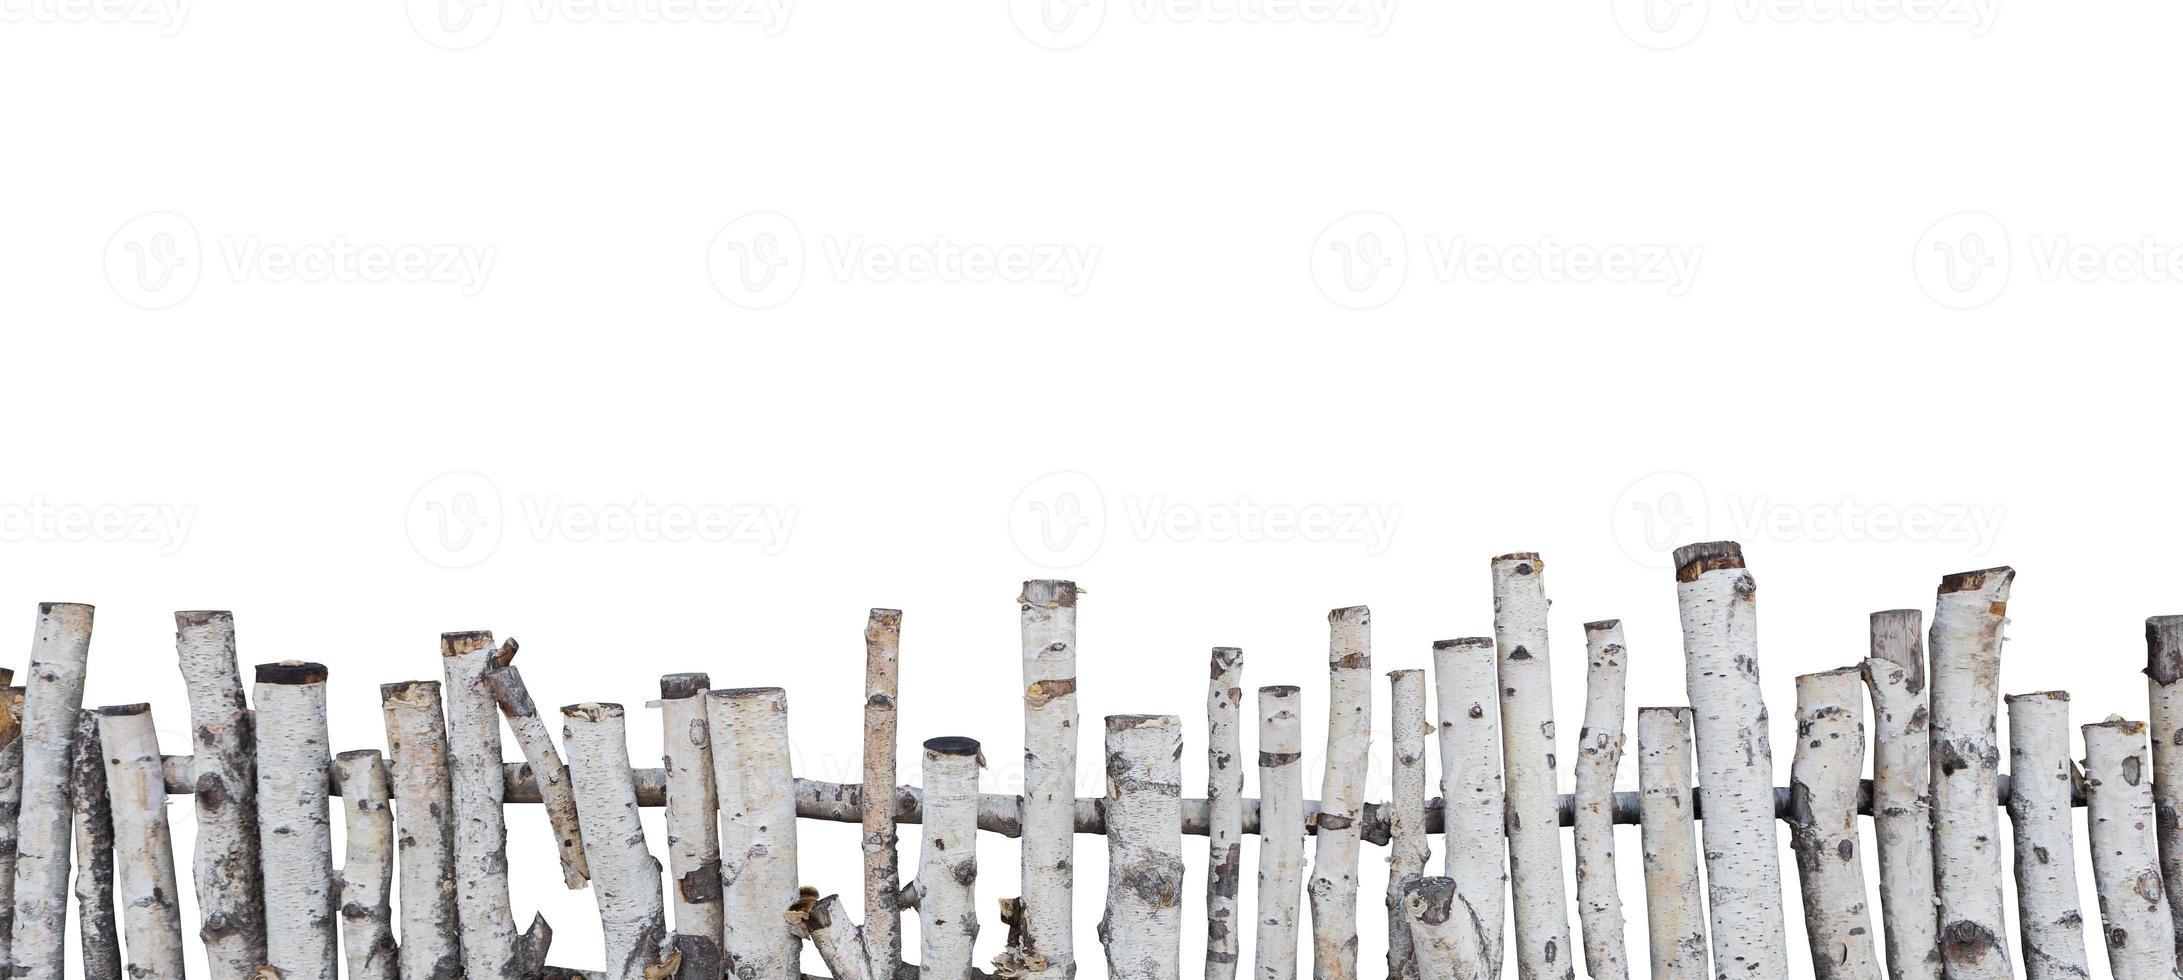 vieille clôture en bois photo